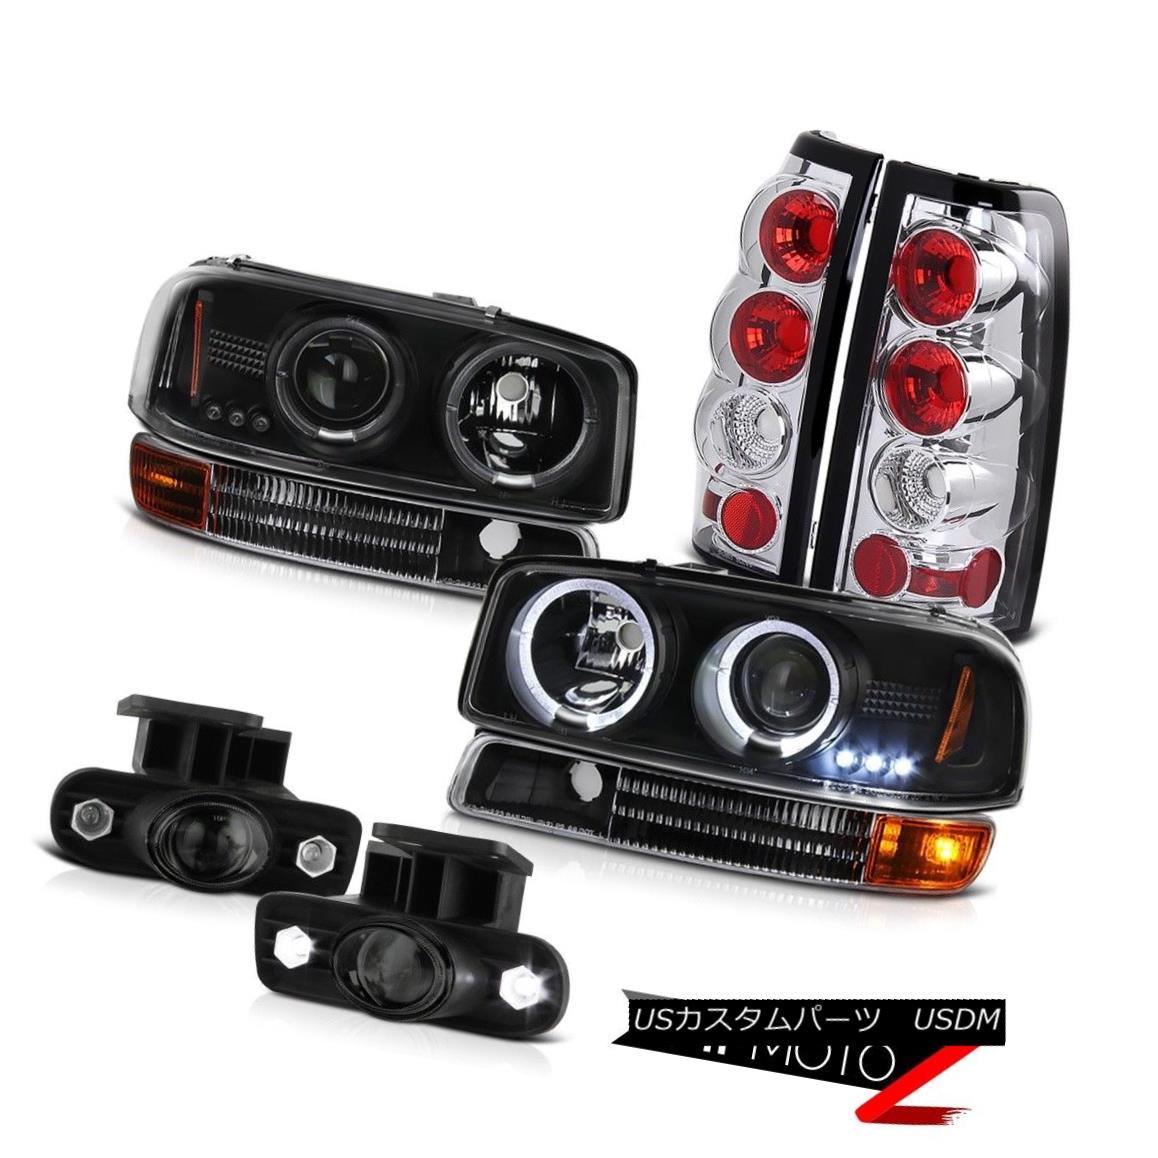 テールライト 1999-2003 Sierra 6.0L V8 Halo Headlights Signal Rear Brake Lights Projector Fog 1999-2003 Sierra 6.0L V8 Haloヘッドライトシグナルリアブレーキライトプロジェクターフォグ